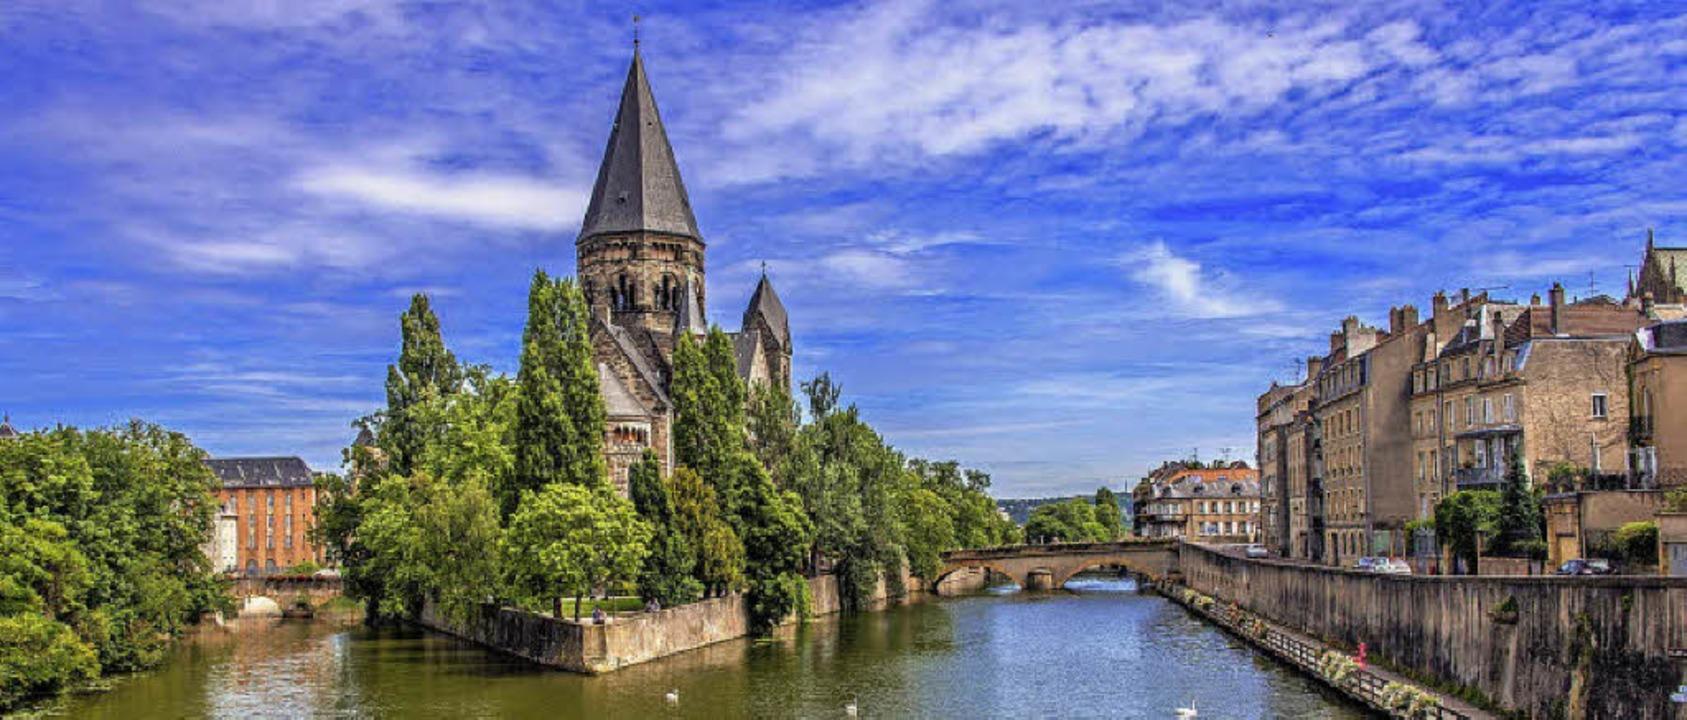 Metz – reich an kunsthistorischen Schätzen     Foto: pictarena fotolia